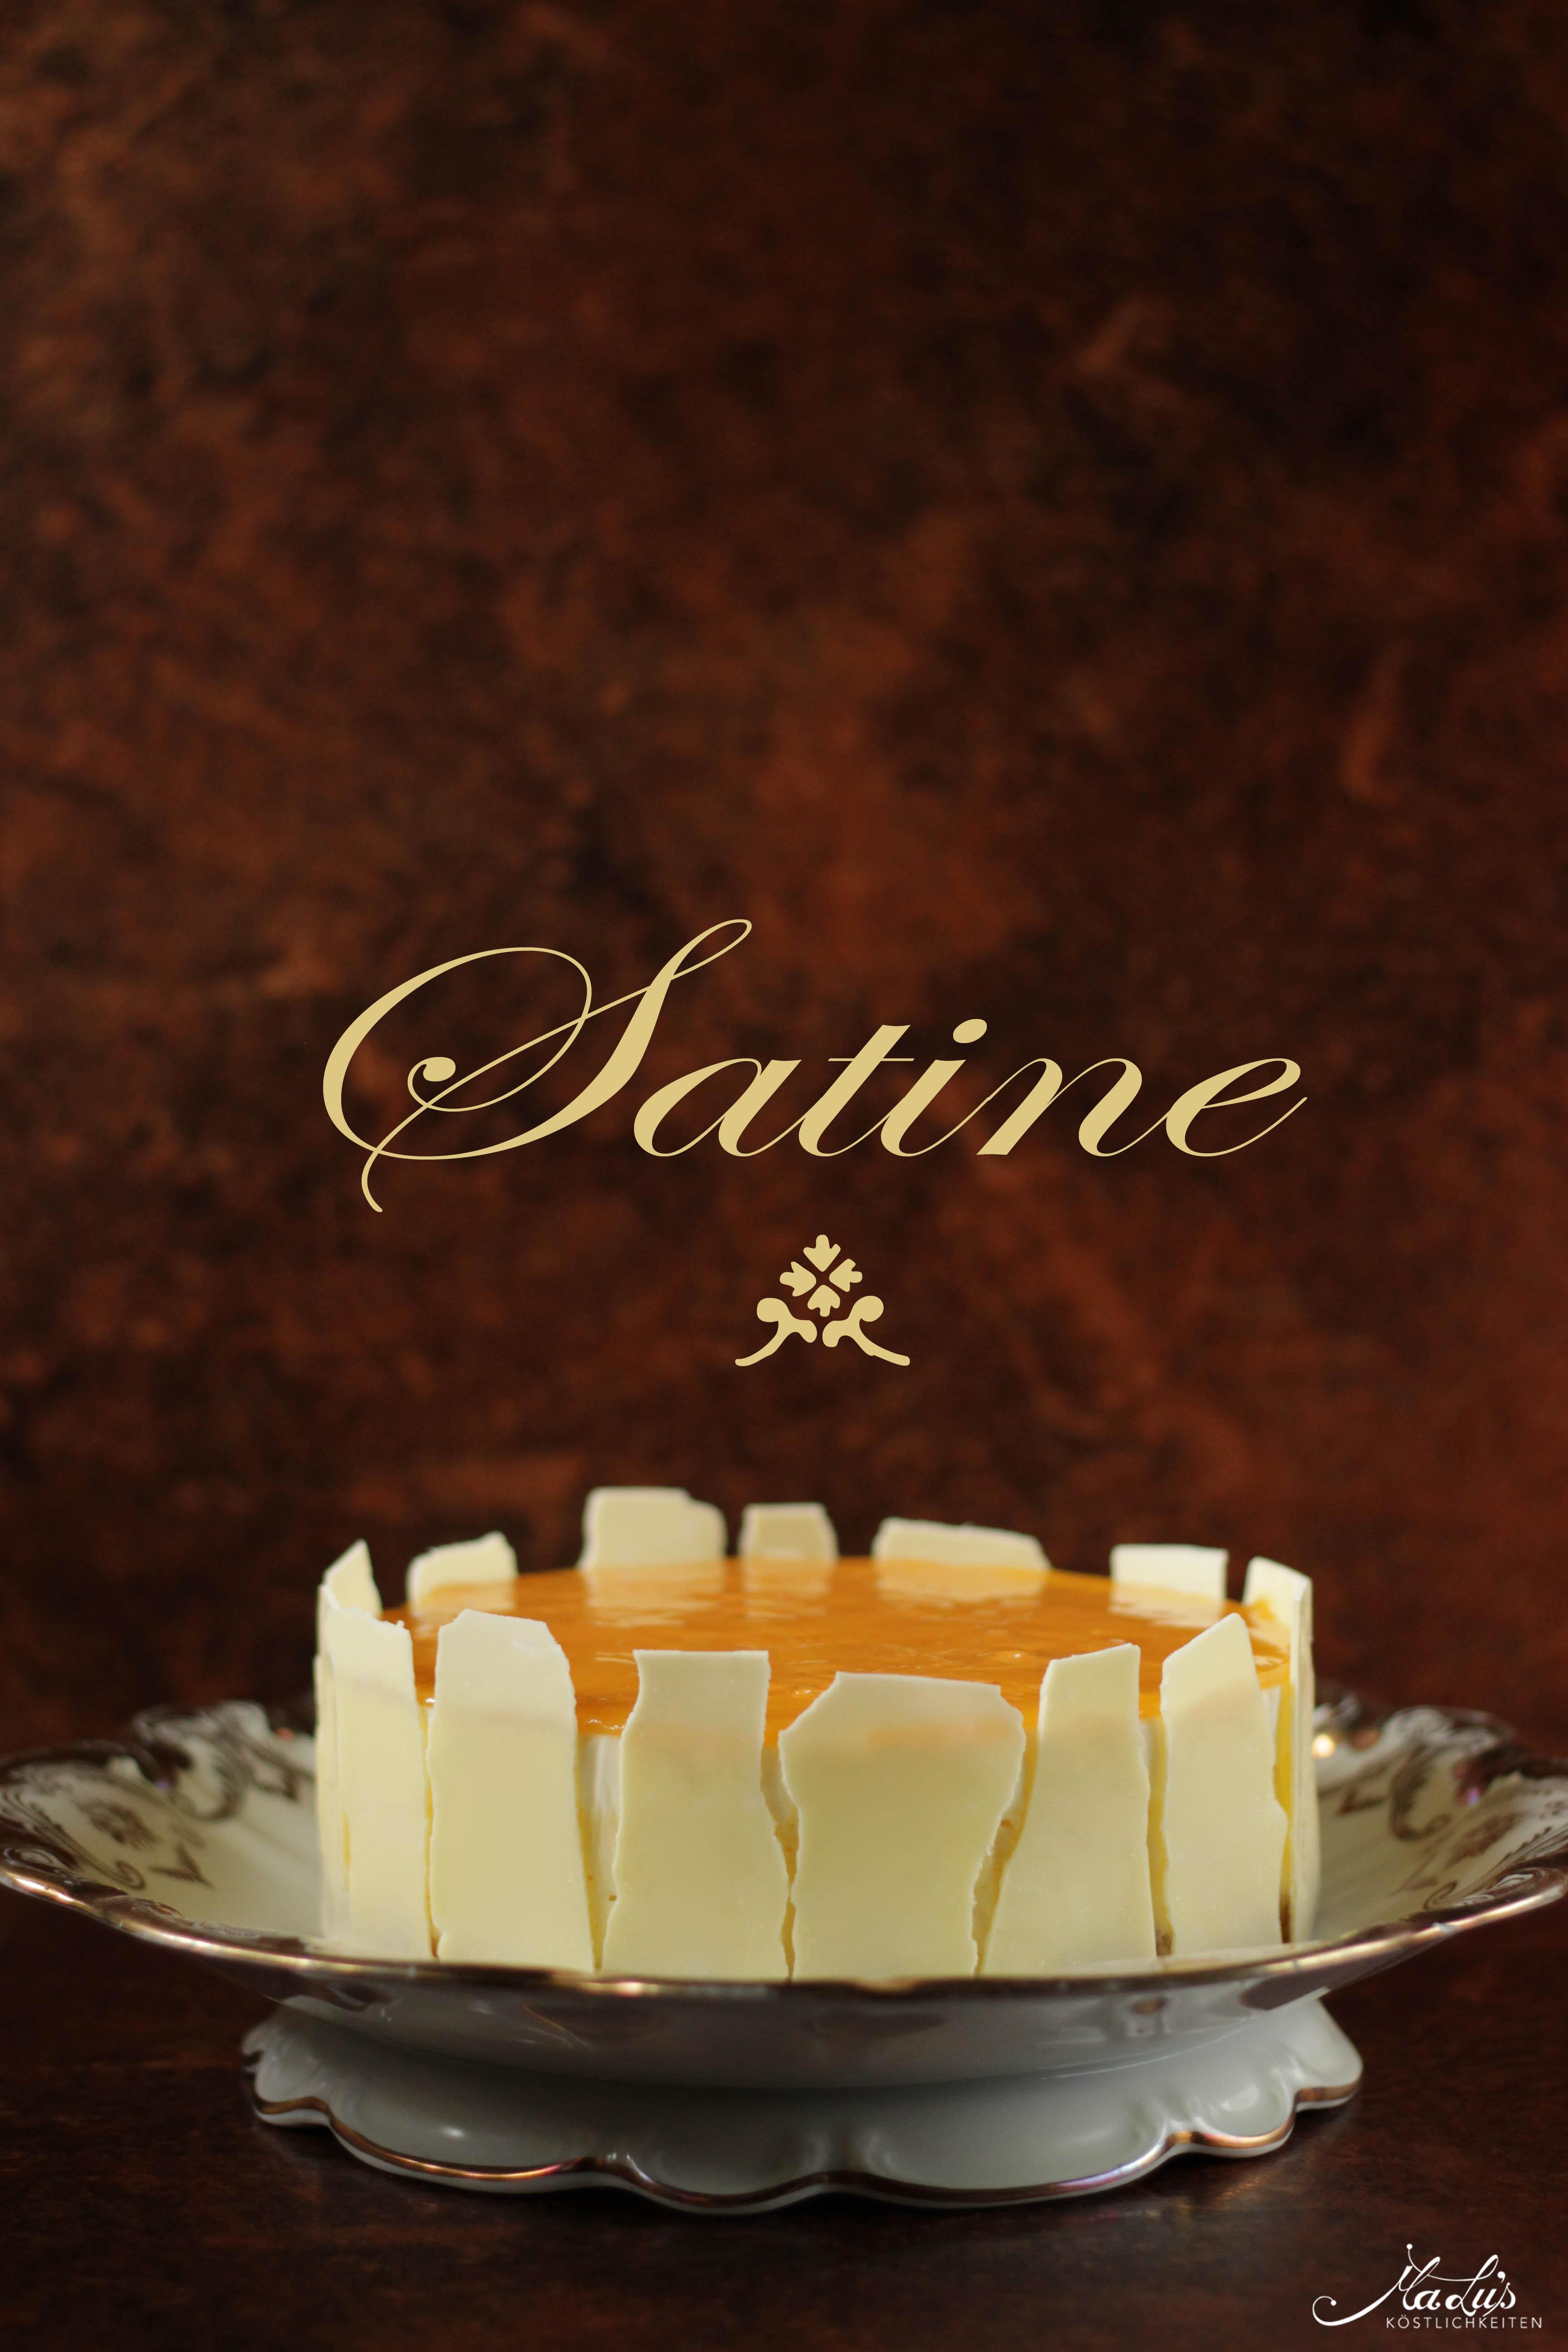 Satine-cheesecake nach Pierre Hermé